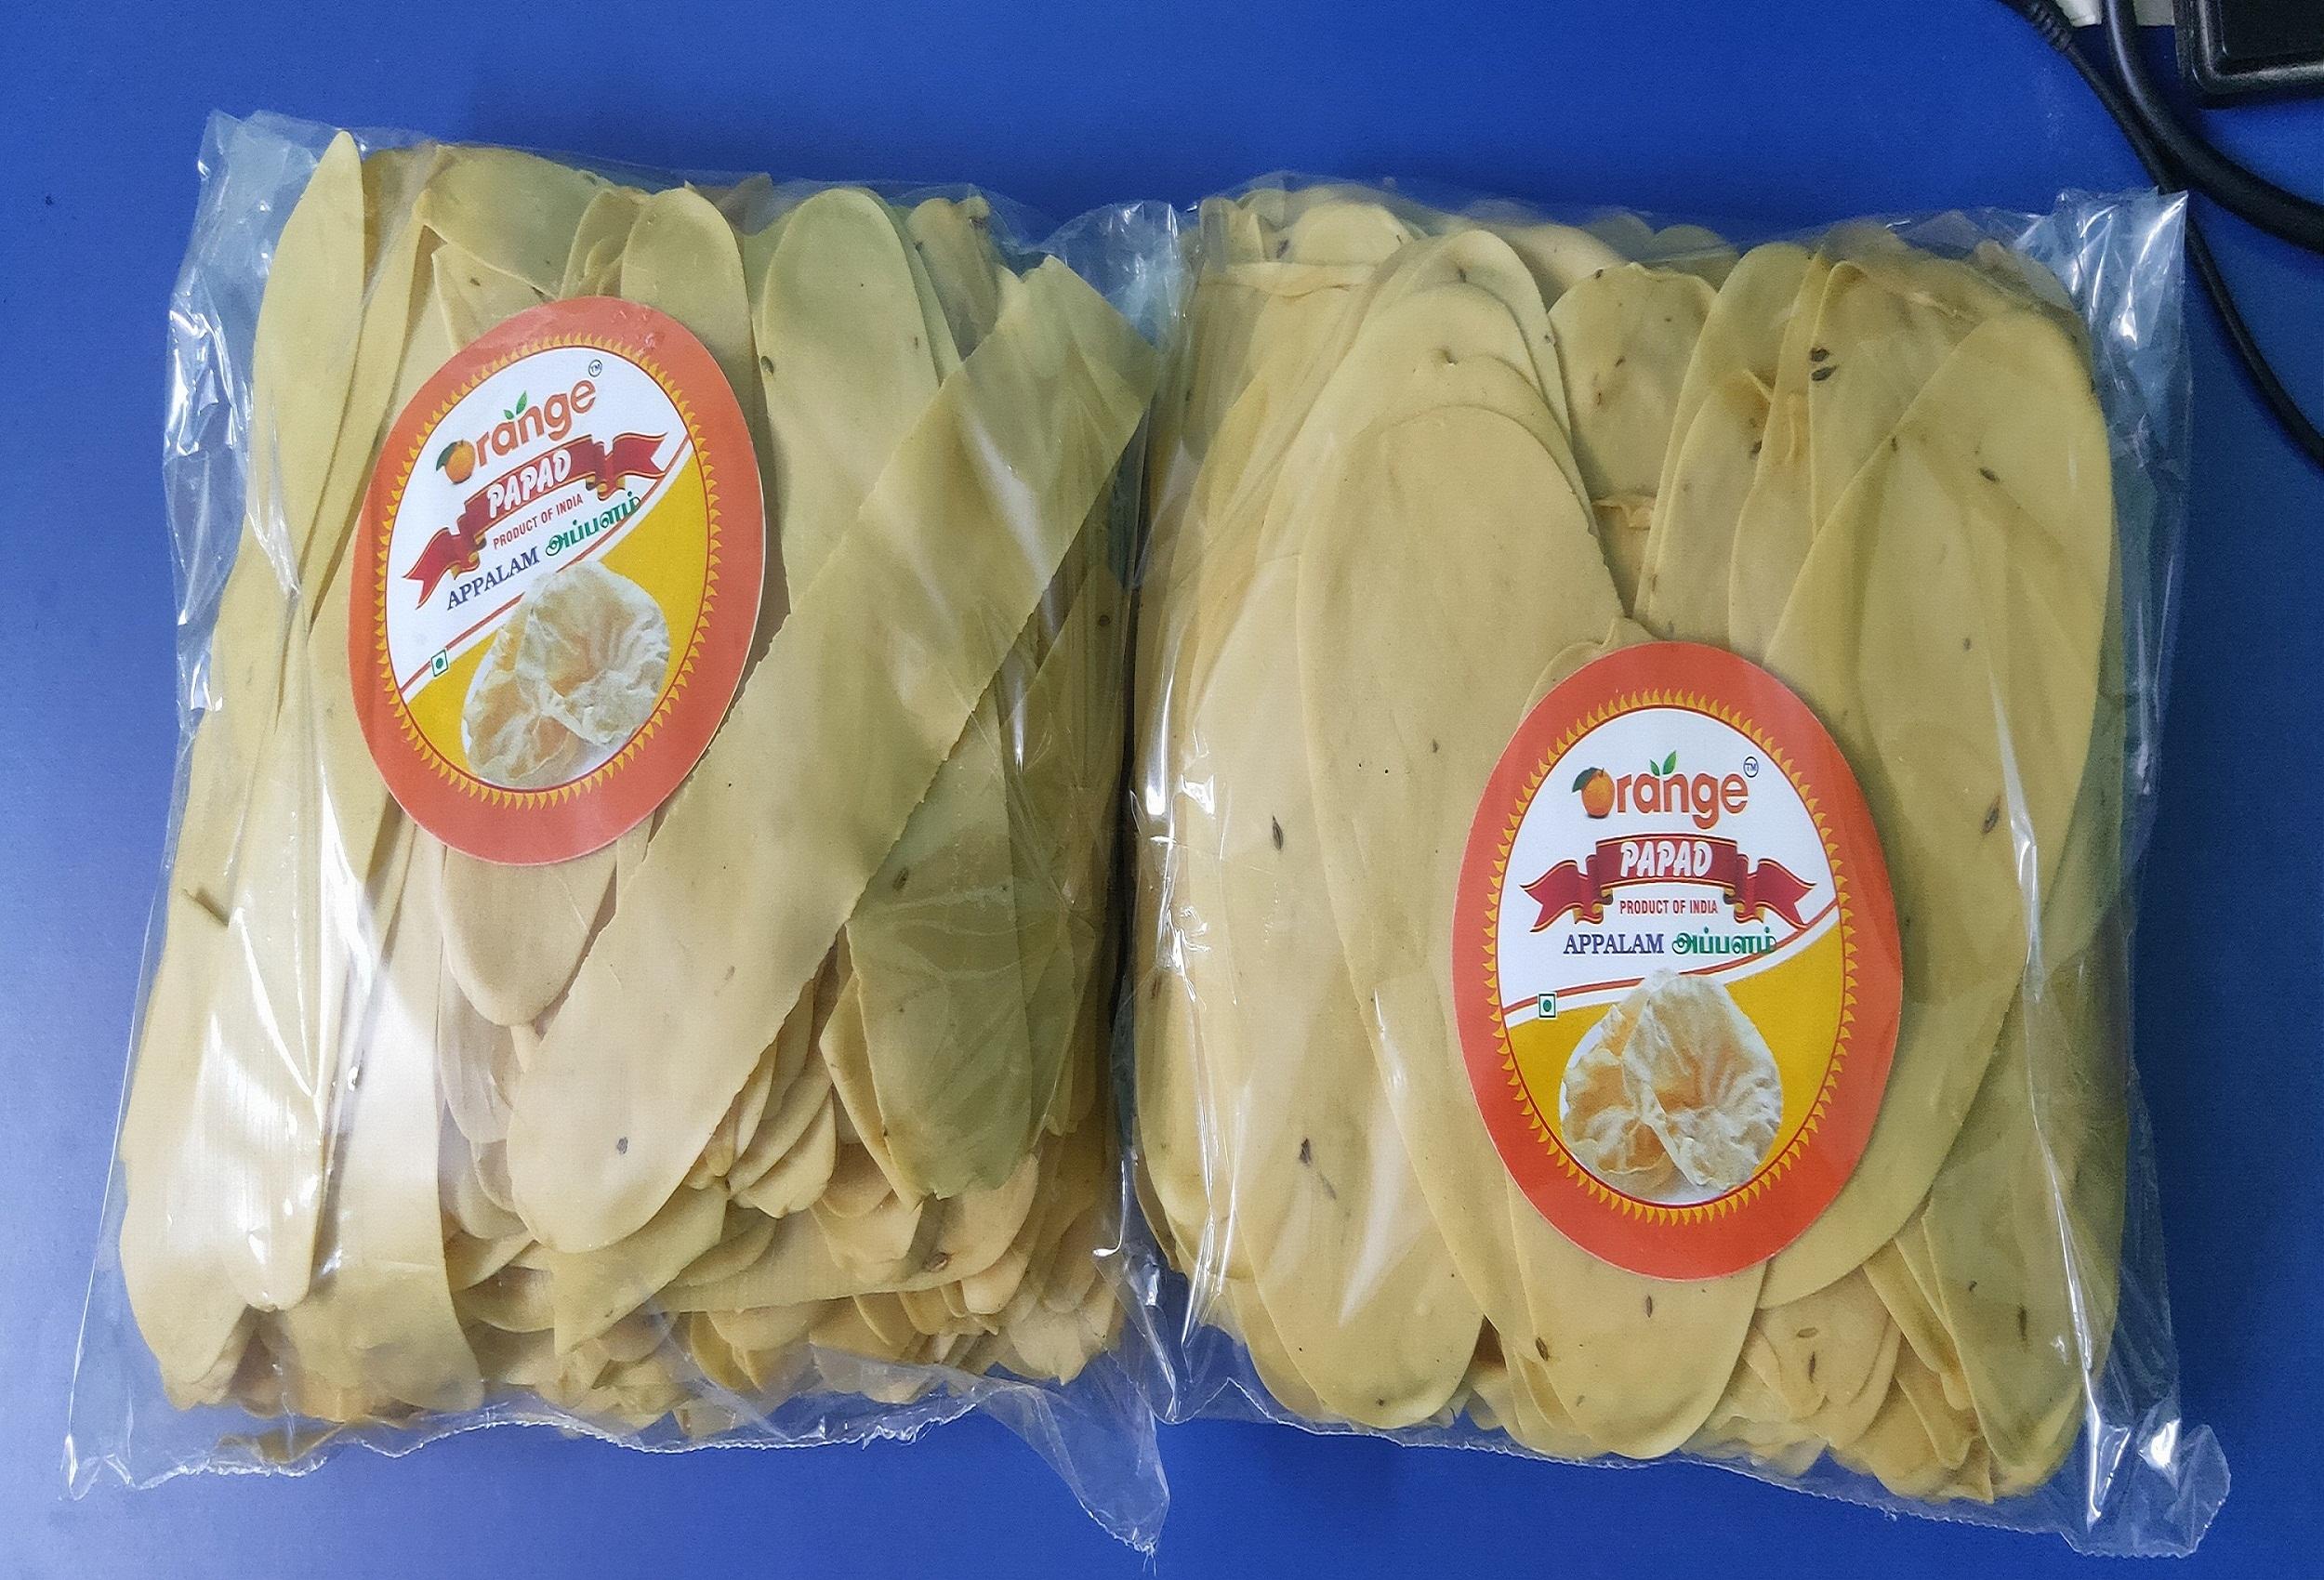 Appalam Poo (Chips)